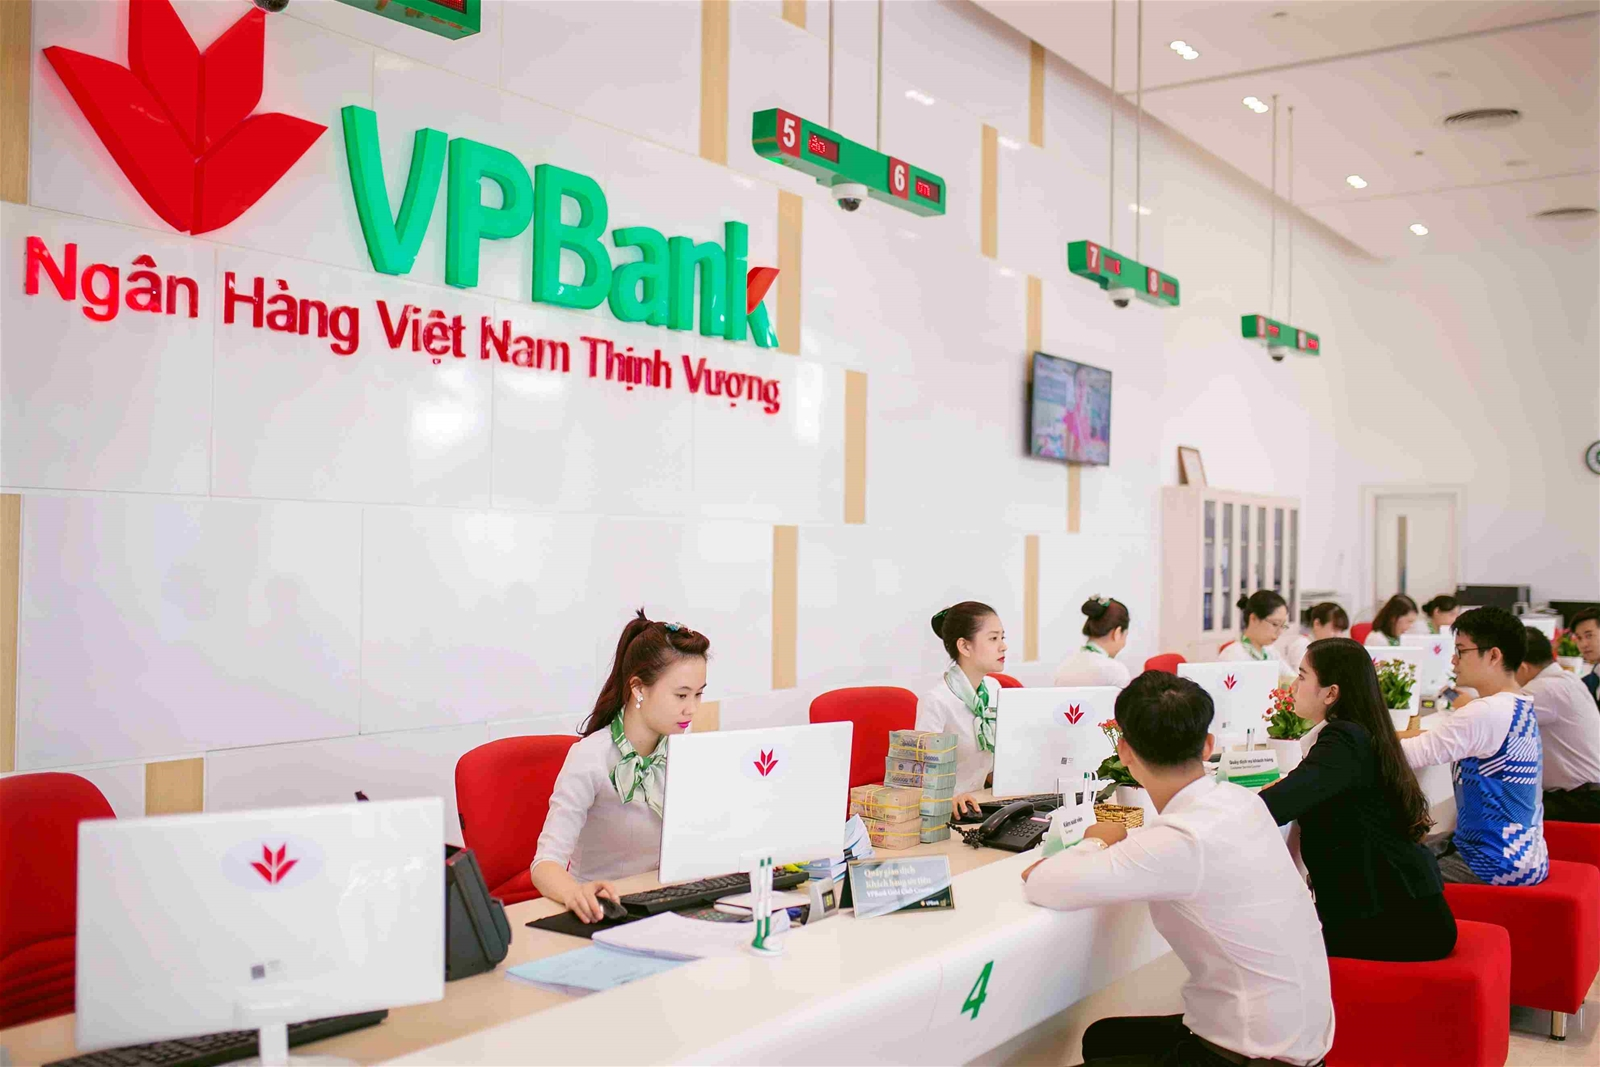 NH đầu tiên cung cấp nền tảng thanh toán số cho ứng dụng hỗ trợ mua vé Vietlott